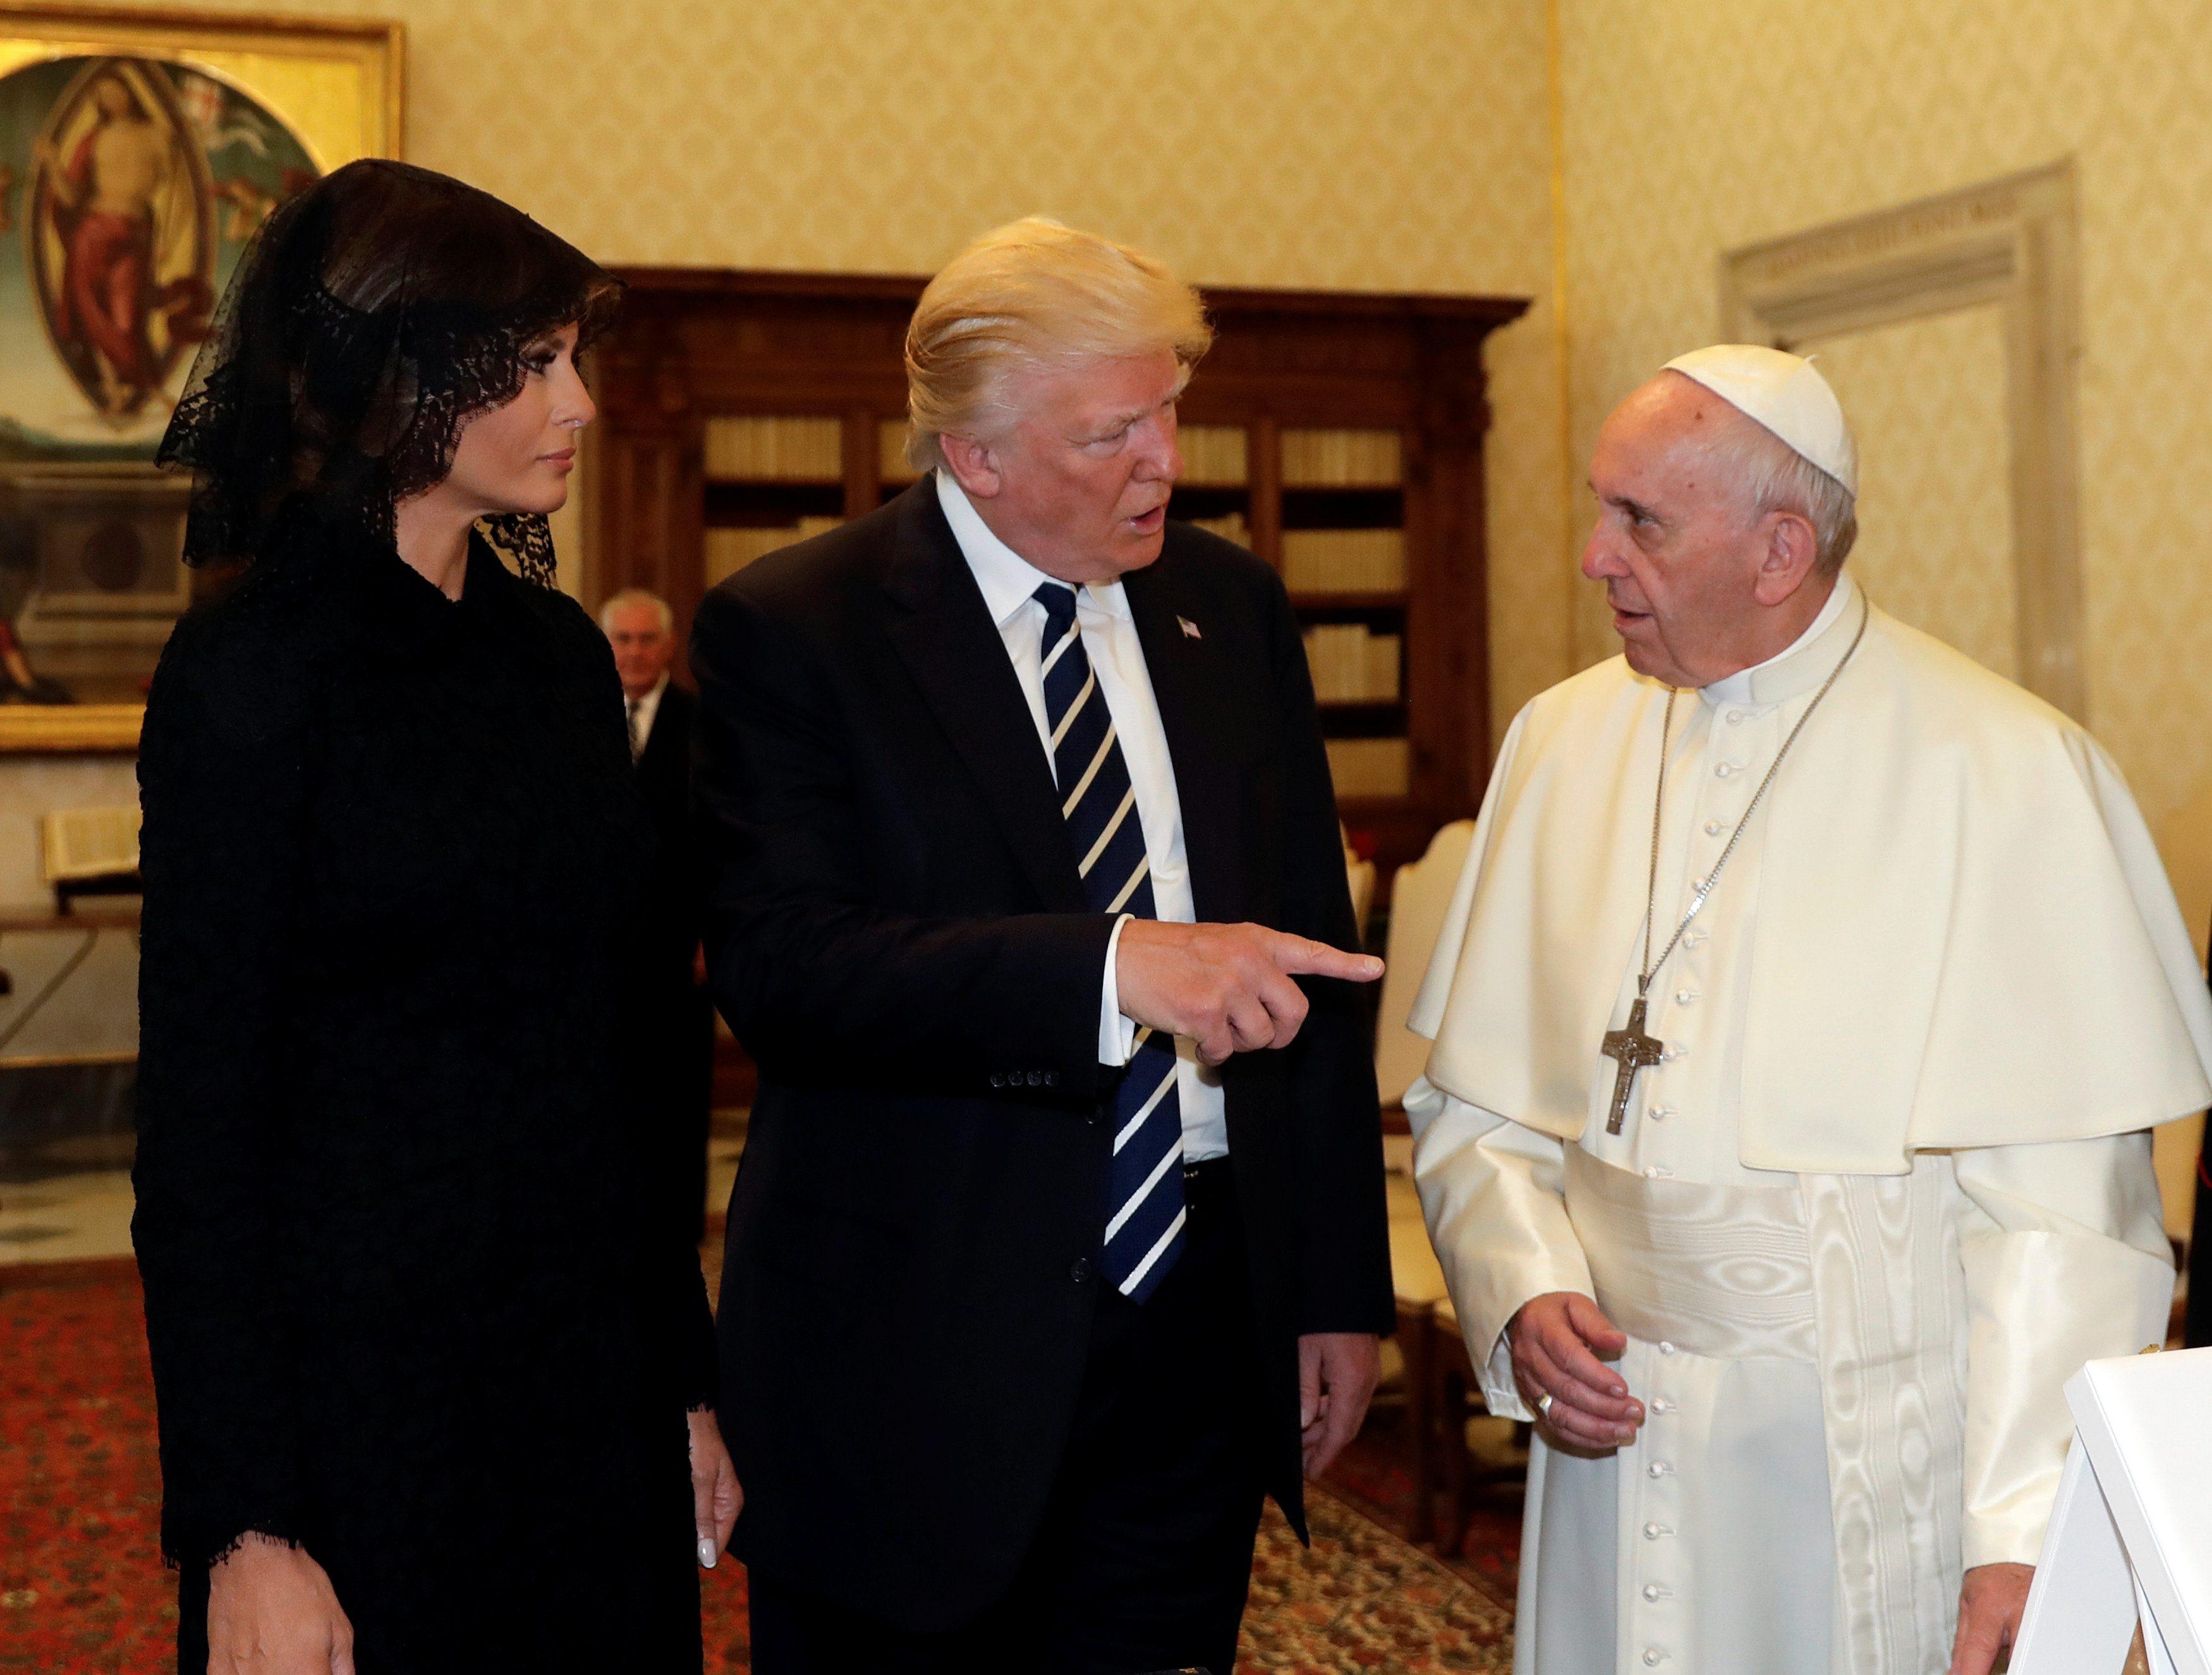 2017-05-24T074952Z_1868581188_RC1BB878C990_RTRMADP_3_USA-TRUMP-POPE